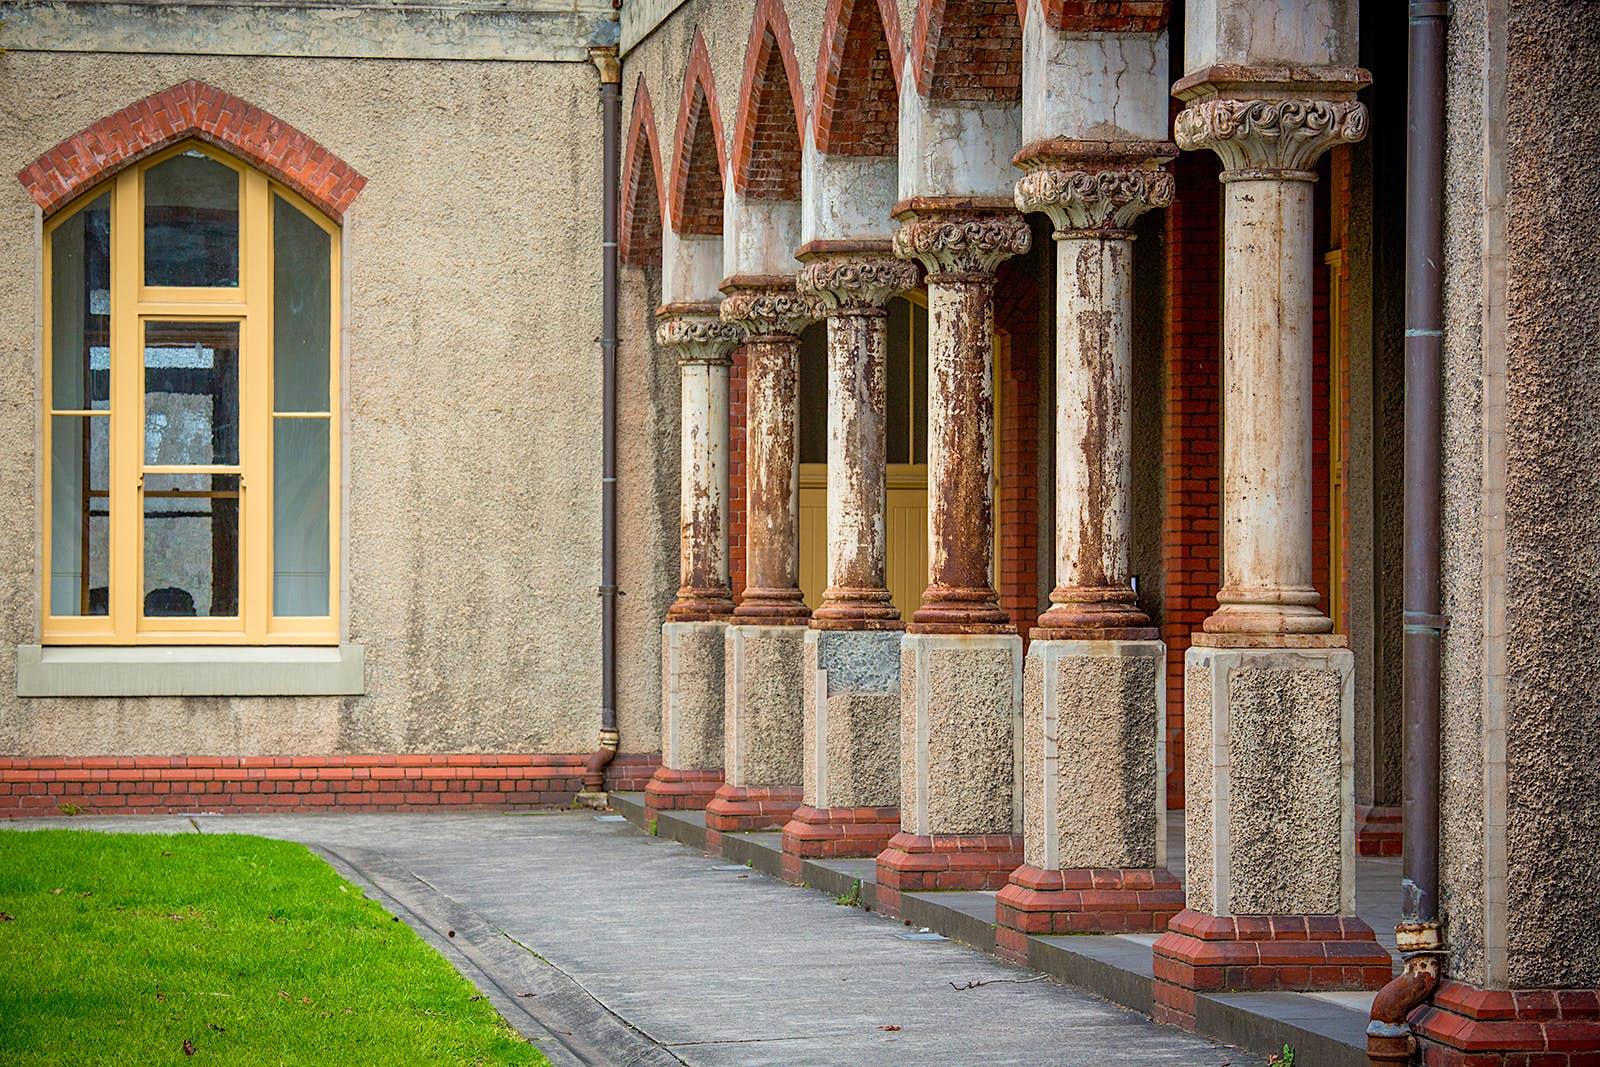 Des piliers en pierre usés bordent une petite pelouse, avec le mur du couvent et une fenêtre cintrée en arrière-plan. Melbourne, Australie.